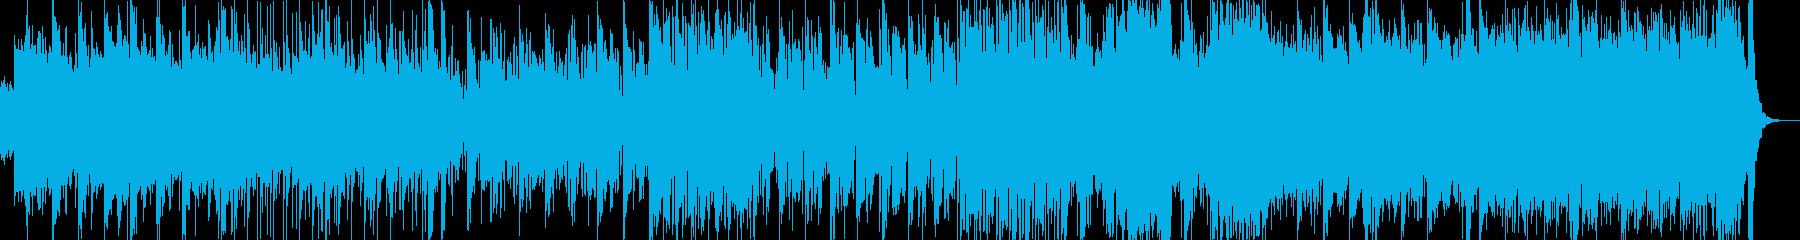 三味線・尺八・琴・和太鼓とストリングスの再生済みの波形